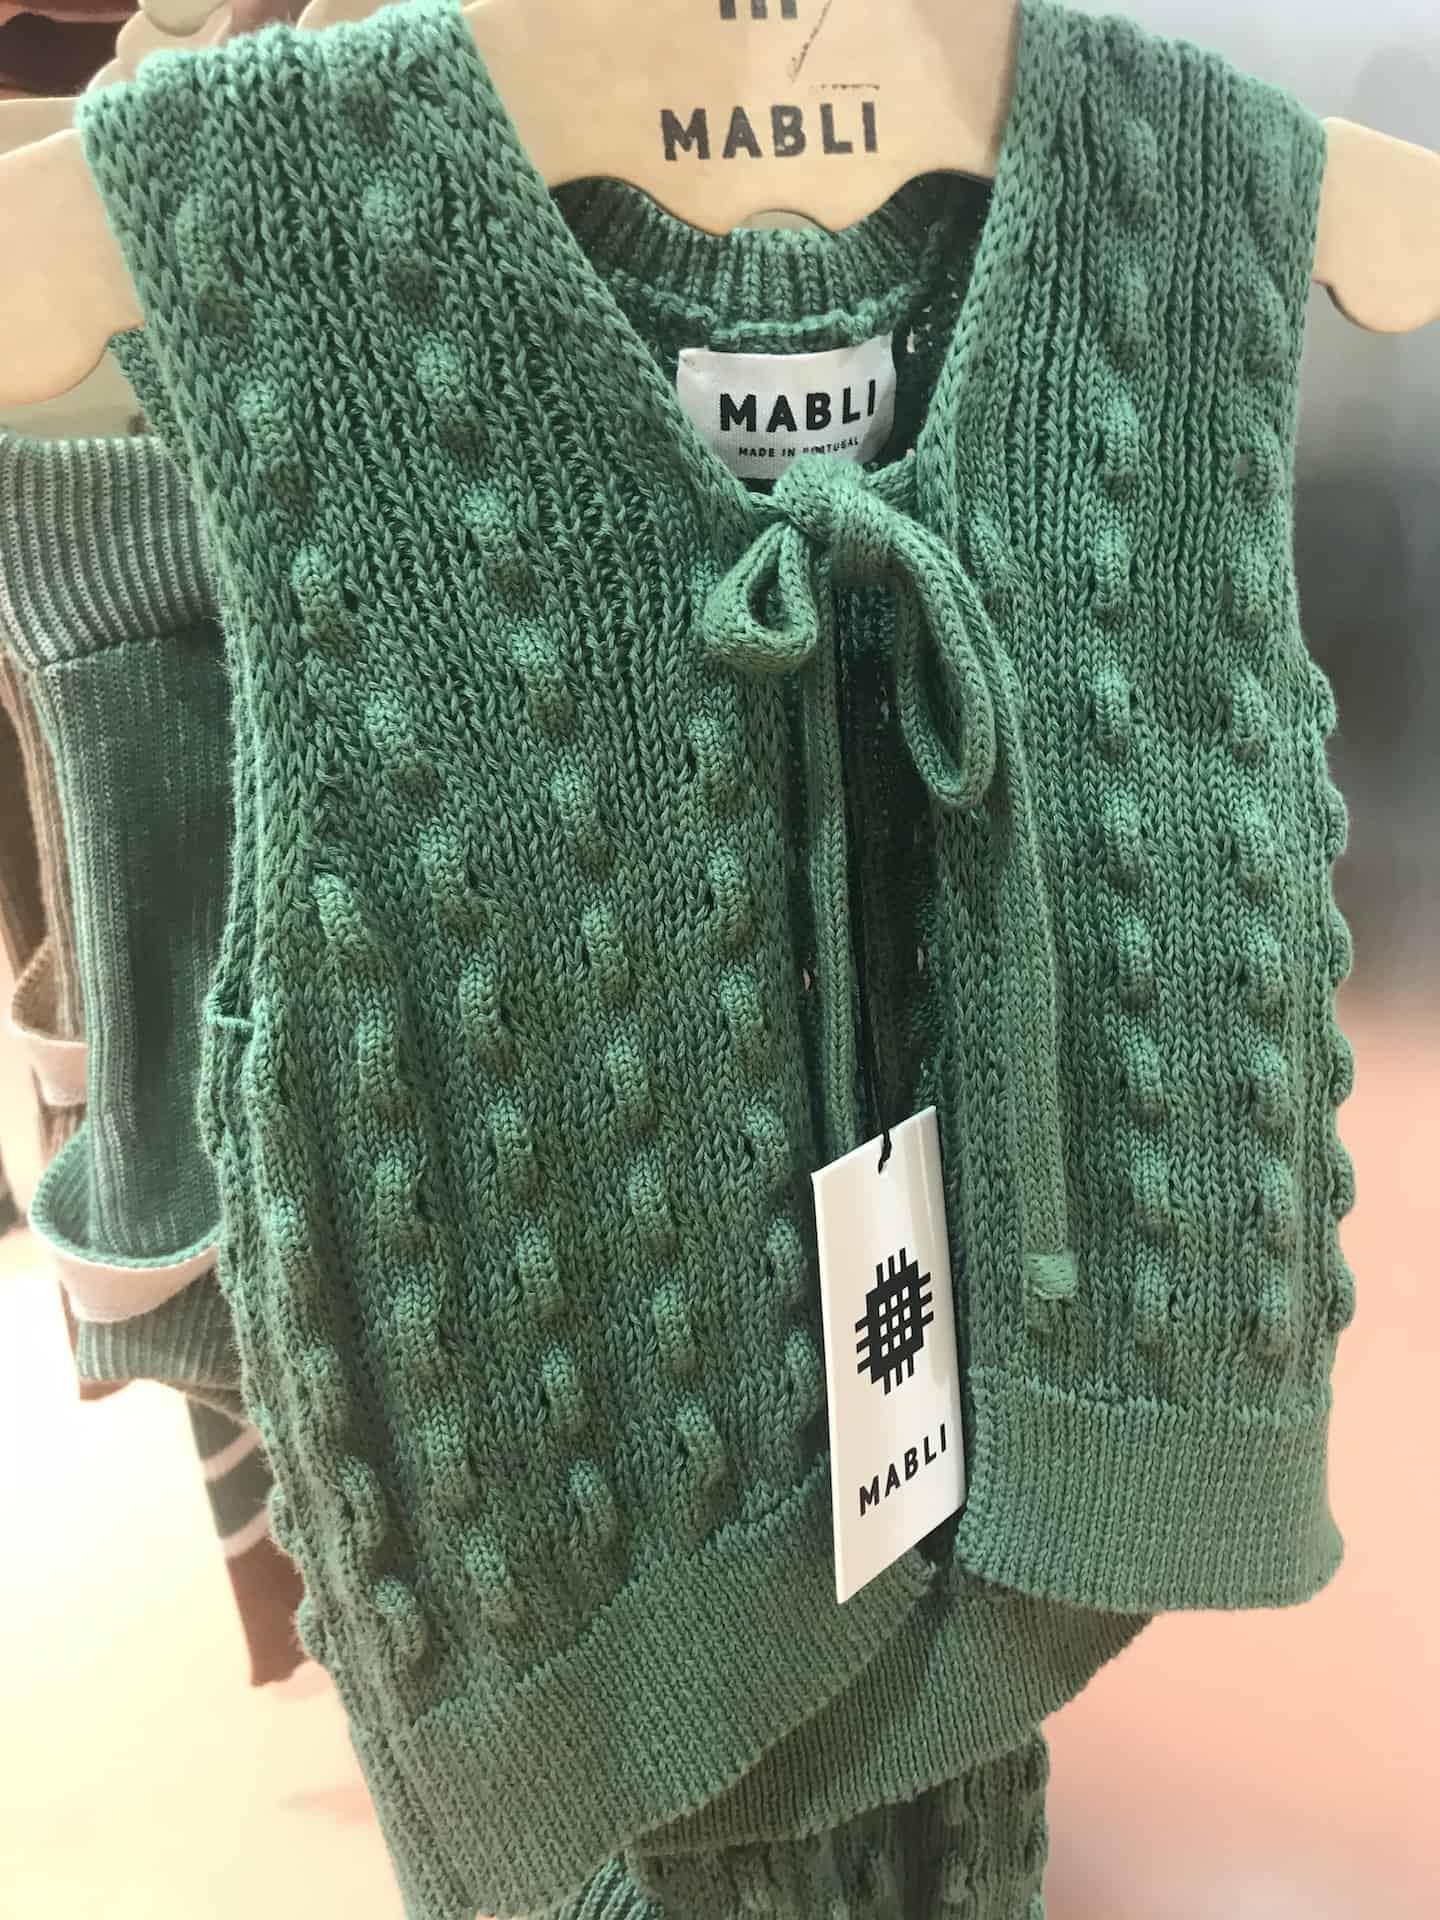 Mabli SS20 kids fashion collection at Pitti Bimbo 89